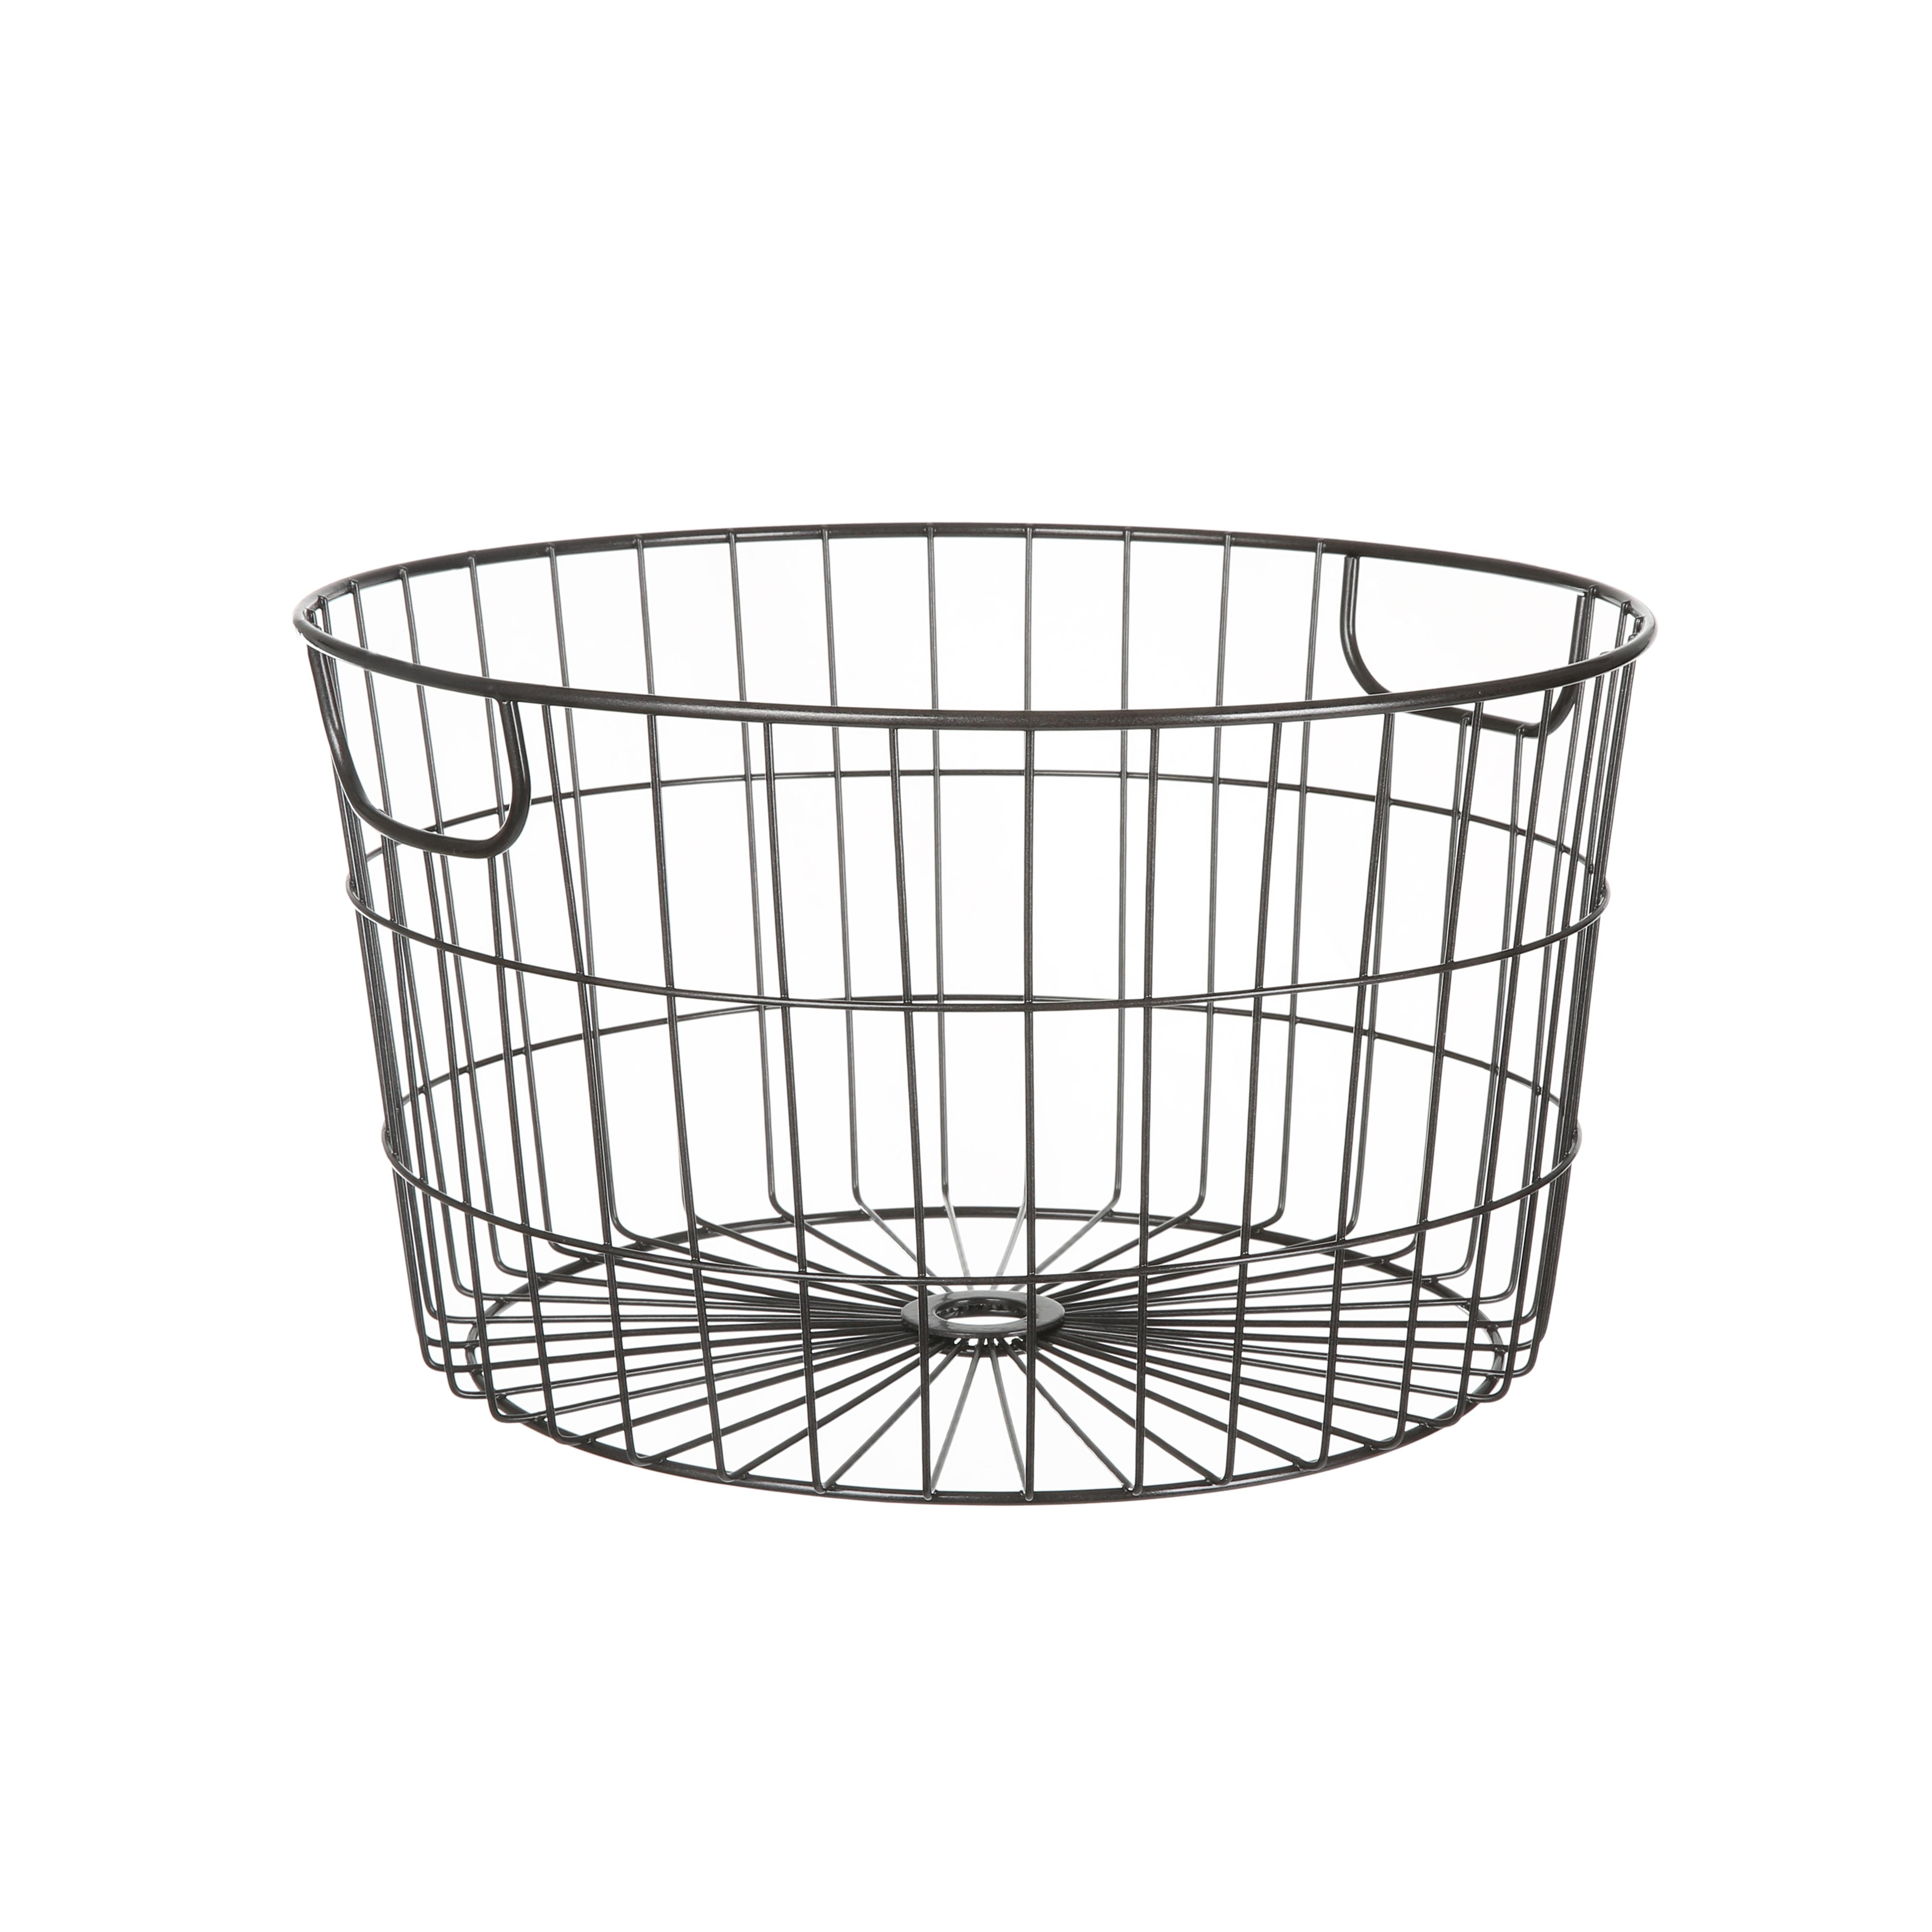 Mainstays Round Wire Basket Rustic Black